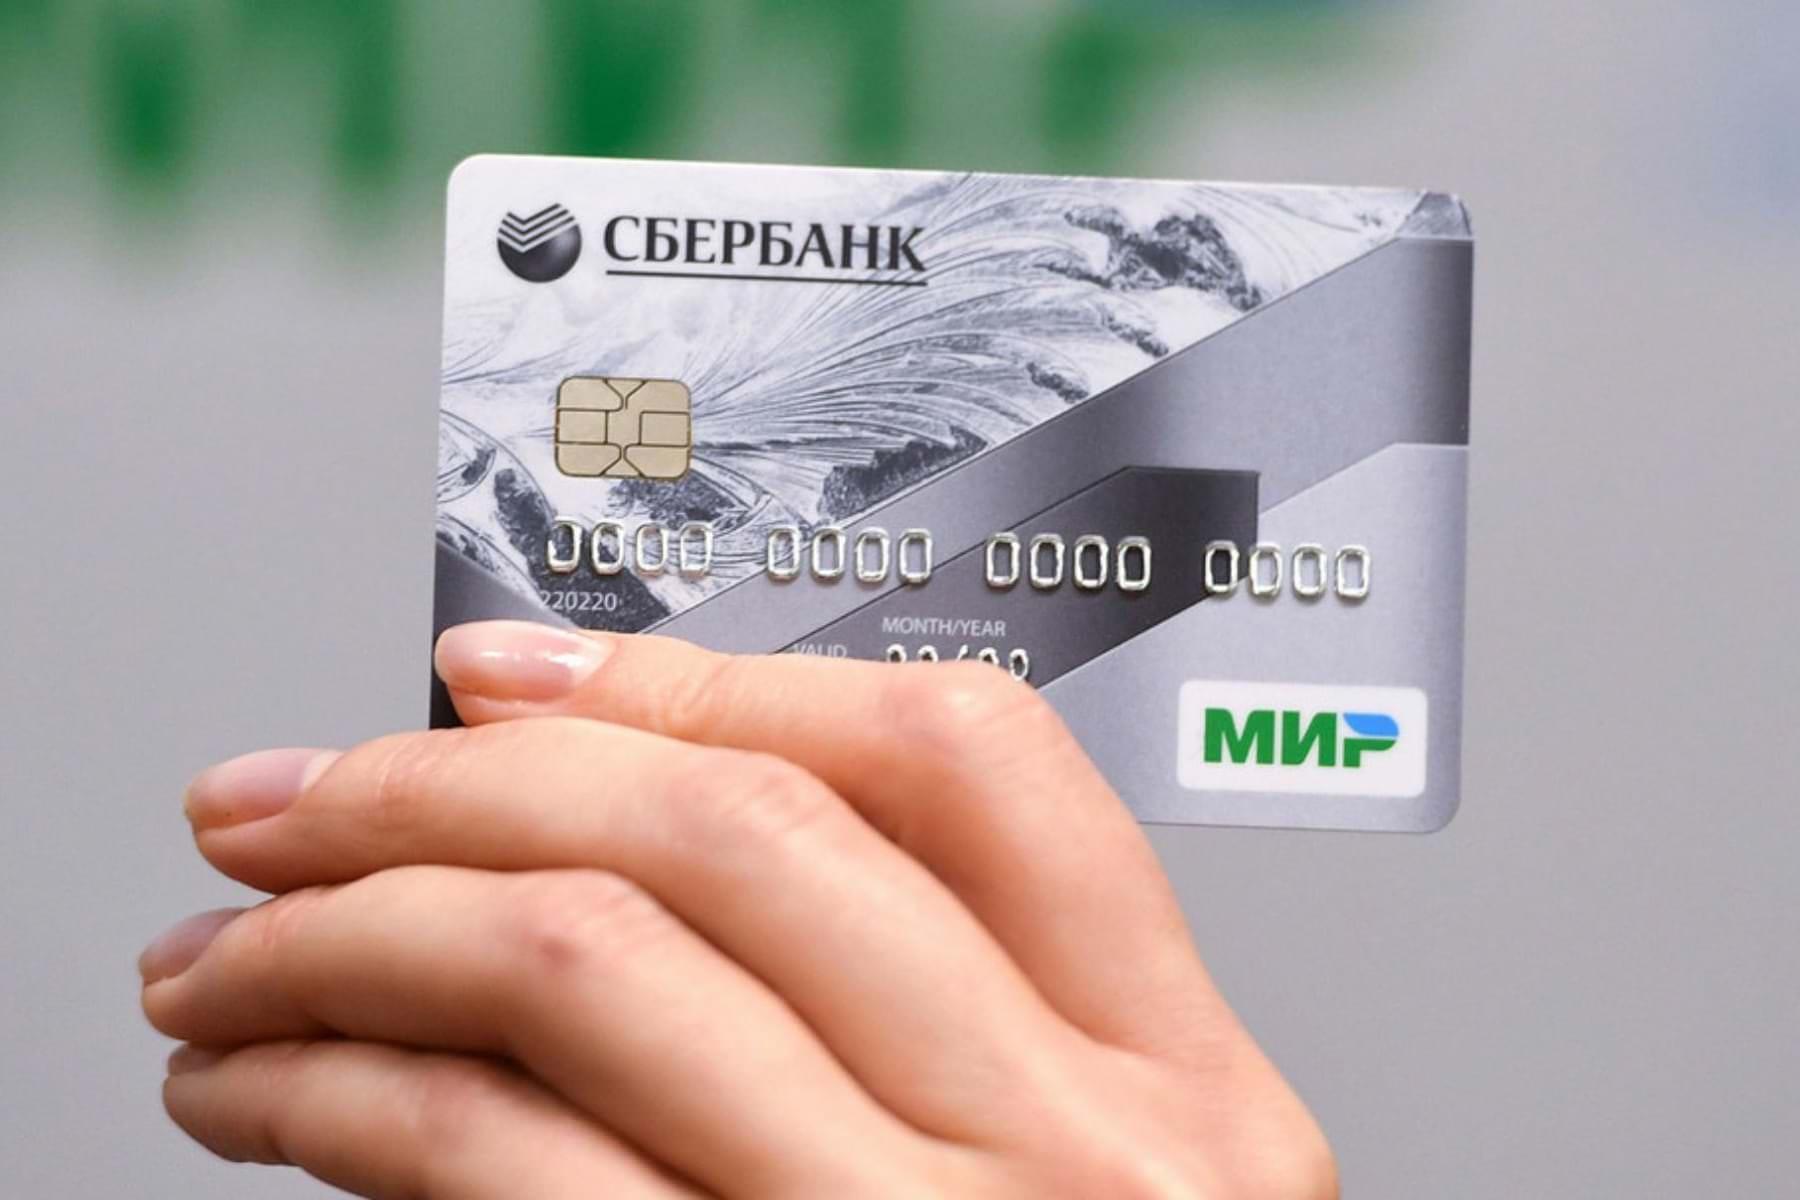 Карта метро г.москвы скачать